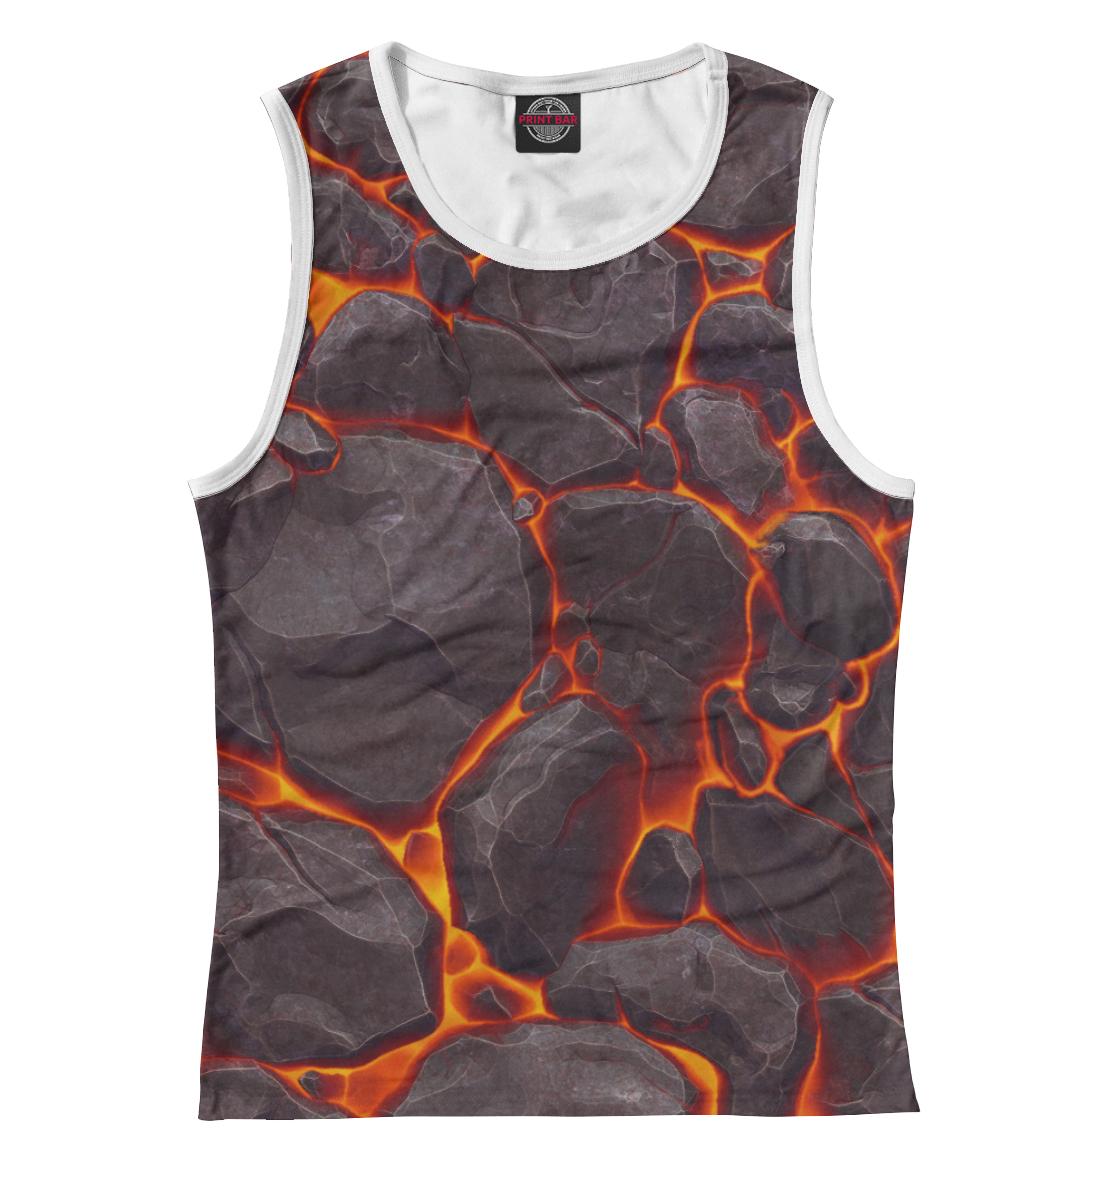 Купить Lava, Printbar, Майки, APD-972882-may-1